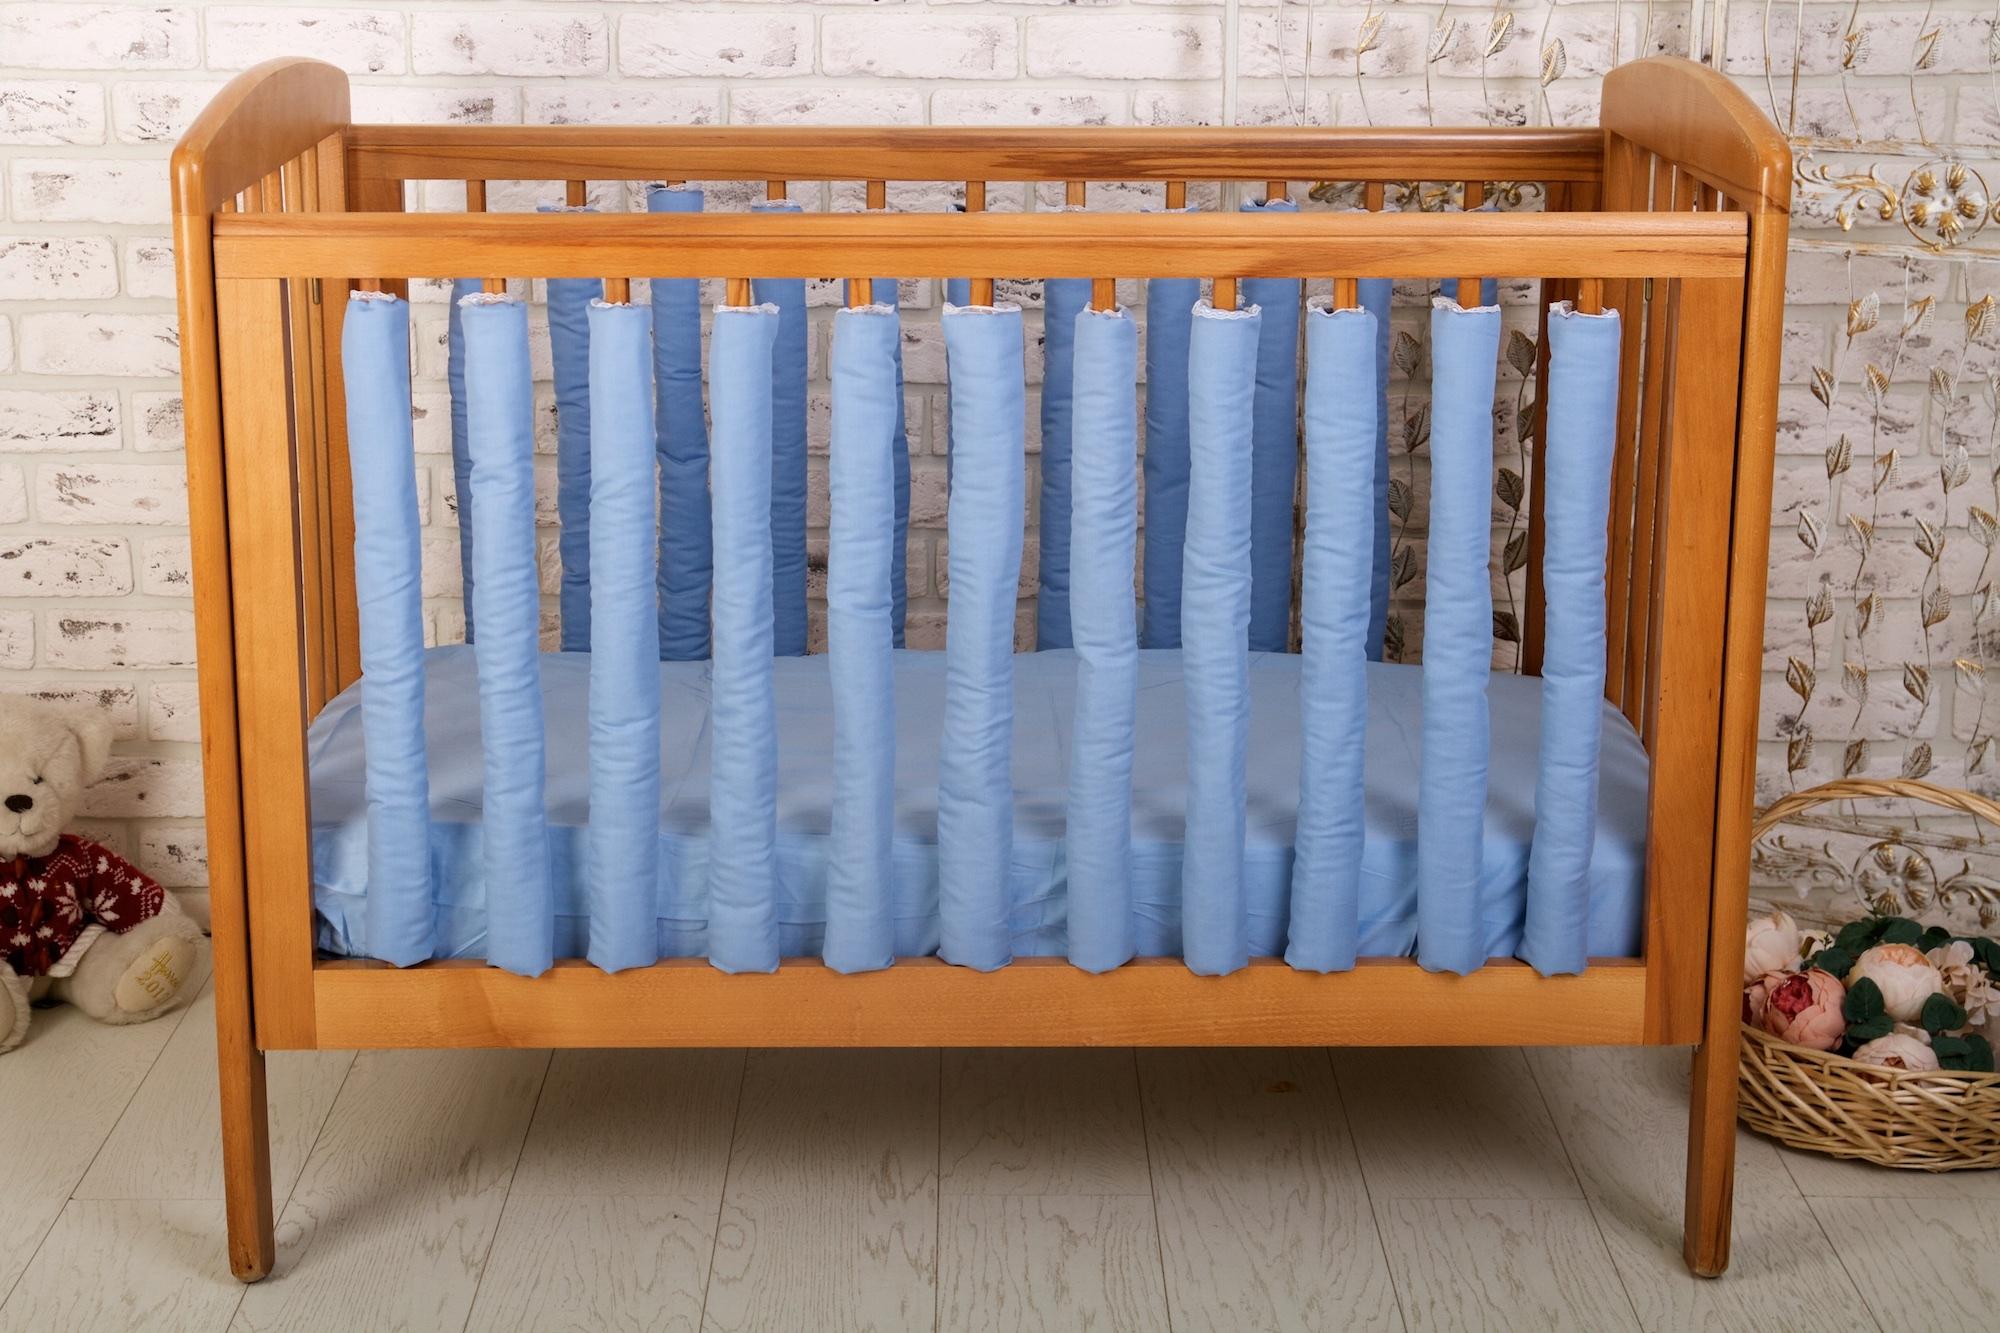 Аксессуары для кроваток Cloud factory Plain Blue 12 шт комплект фенс бамперов cloud factory 12 шт beauty balloons